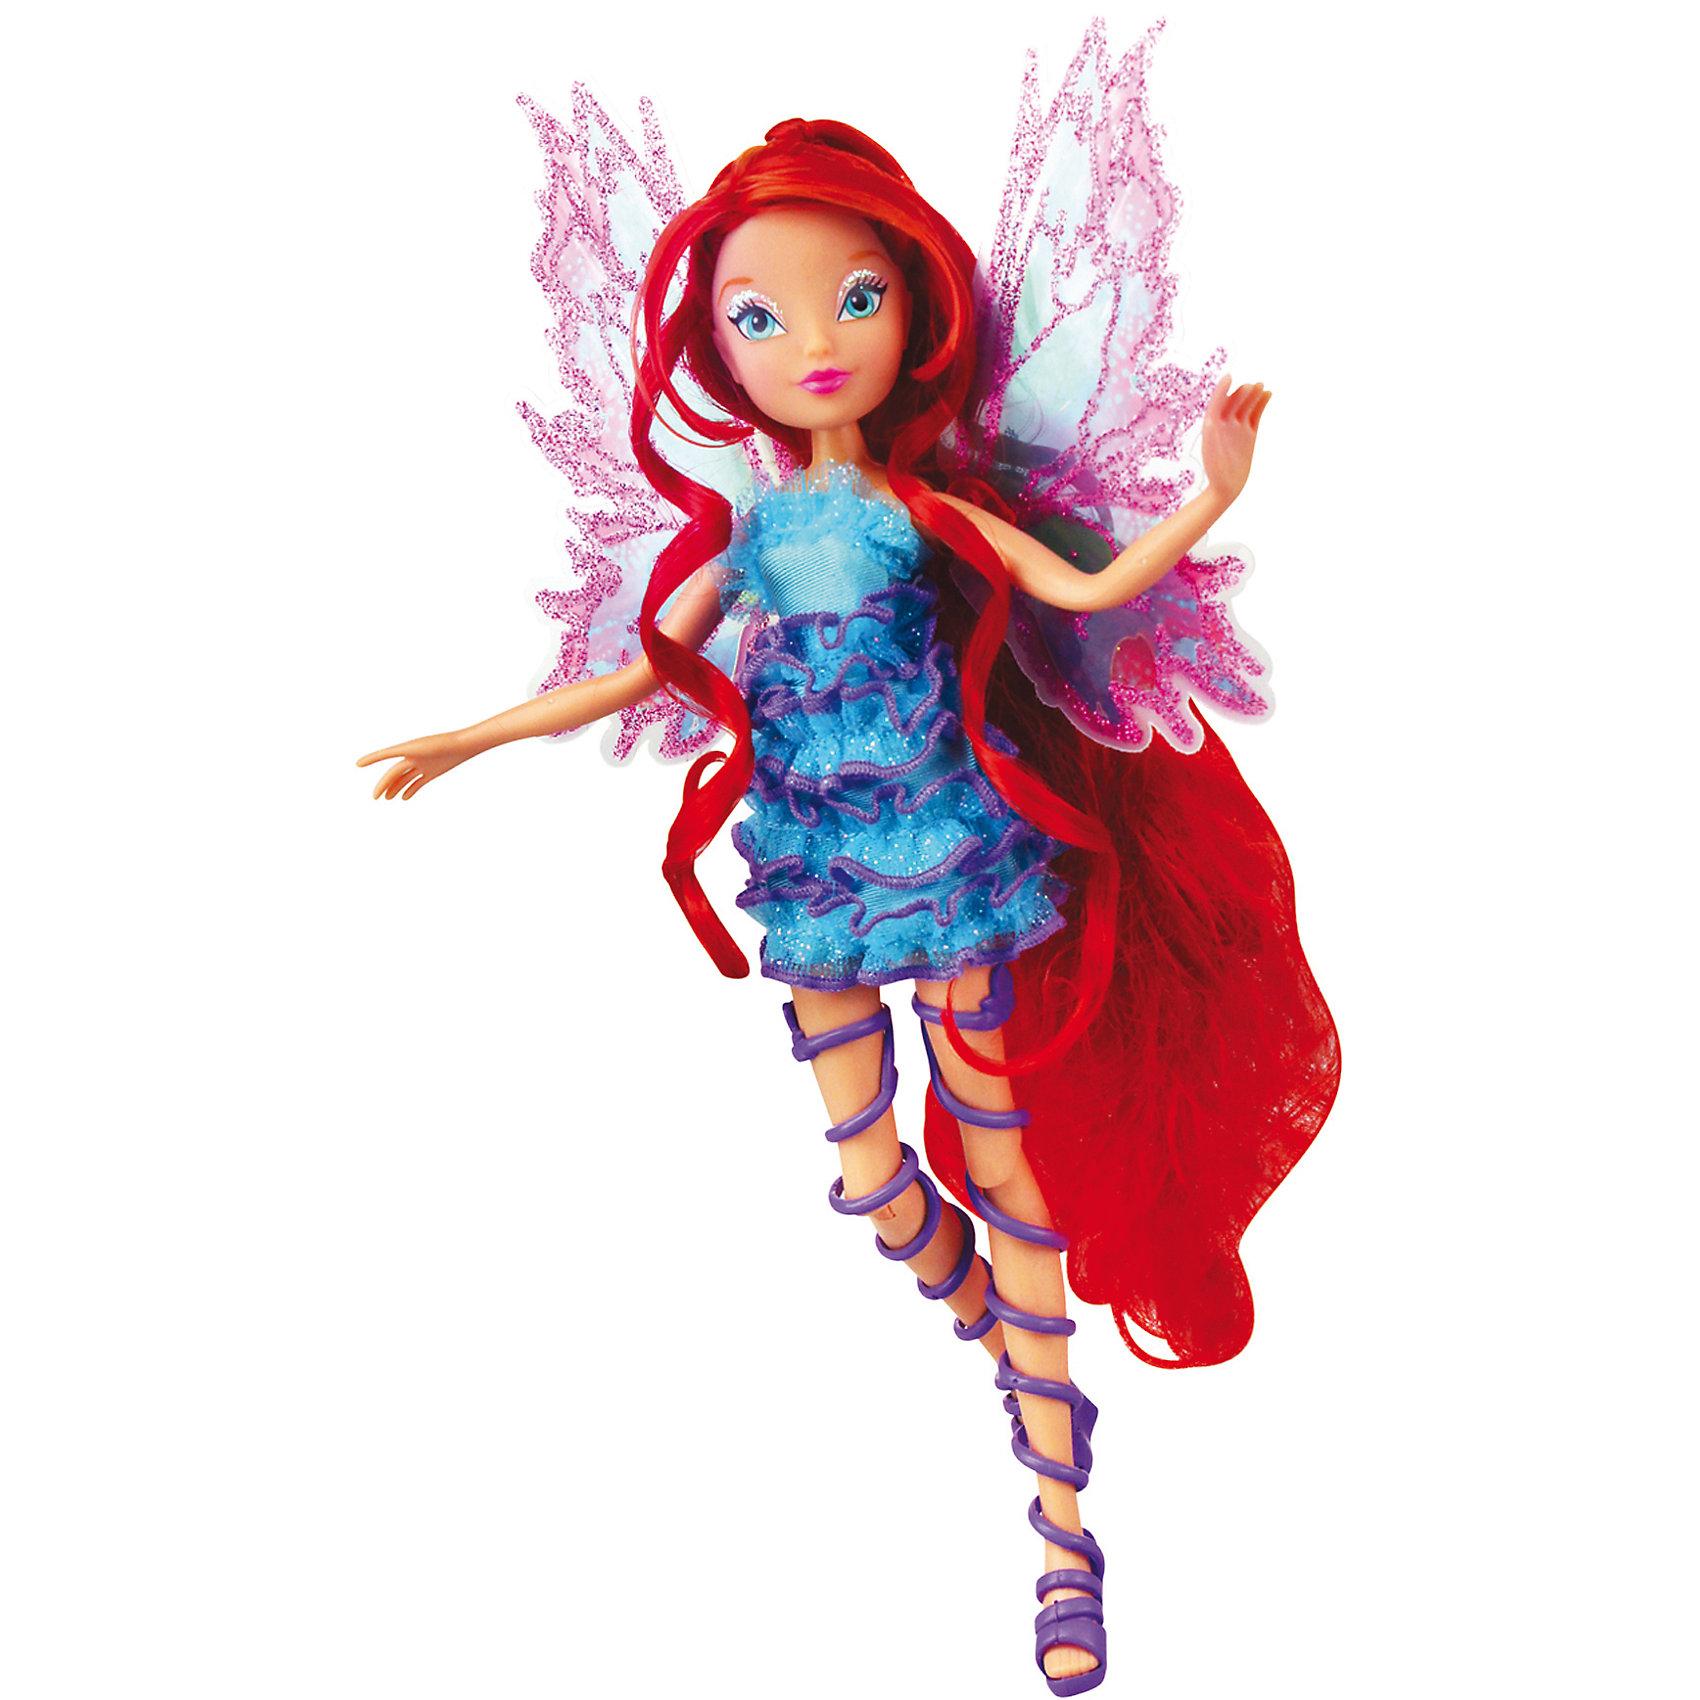 Кукла Winx Club Мификс БлумОчаровательные куколки выглядят в точности так же, как и героини мультсериала «Winx Club» (Винкс Клуб). Красавица -Блум одета в нереальное голубое платье, украшенное нежными рюшами, на ногах куколки - оригинальные босоножки, в руках- волшебный скипетр. Длинные мягкие волосы очень приятно расчесывать, создавая великолепные прически. Позвольте вашей девочке почувствовать себя настоящей феей вместе с любимыми героинями. Собери все куколок, проигрывай запомнившиеся моменты из мультсериала или придумывай свои новые истории! <br><br>Дополнительная информация:<br><br>- Комплектация: кукла, скипетр, съемные крылья, одежда, обувь.<br>- Материал:  пластик, текстиль. <br>- Высота куклы: 27 см.<br>- Голова, руки, ноги подвижные. <br><br>Куклу Winx Club Мификс, Блум, можно купить в нашем магазине.<br><br>Ширина мм: 290<br>Глубина мм: 60<br>Высота мм: 345<br>Вес г: 375<br>Возраст от месяцев: 36<br>Возраст до месяцев: 84<br>Пол: Женский<br>Возраст: Детский<br>SKU: 4345034